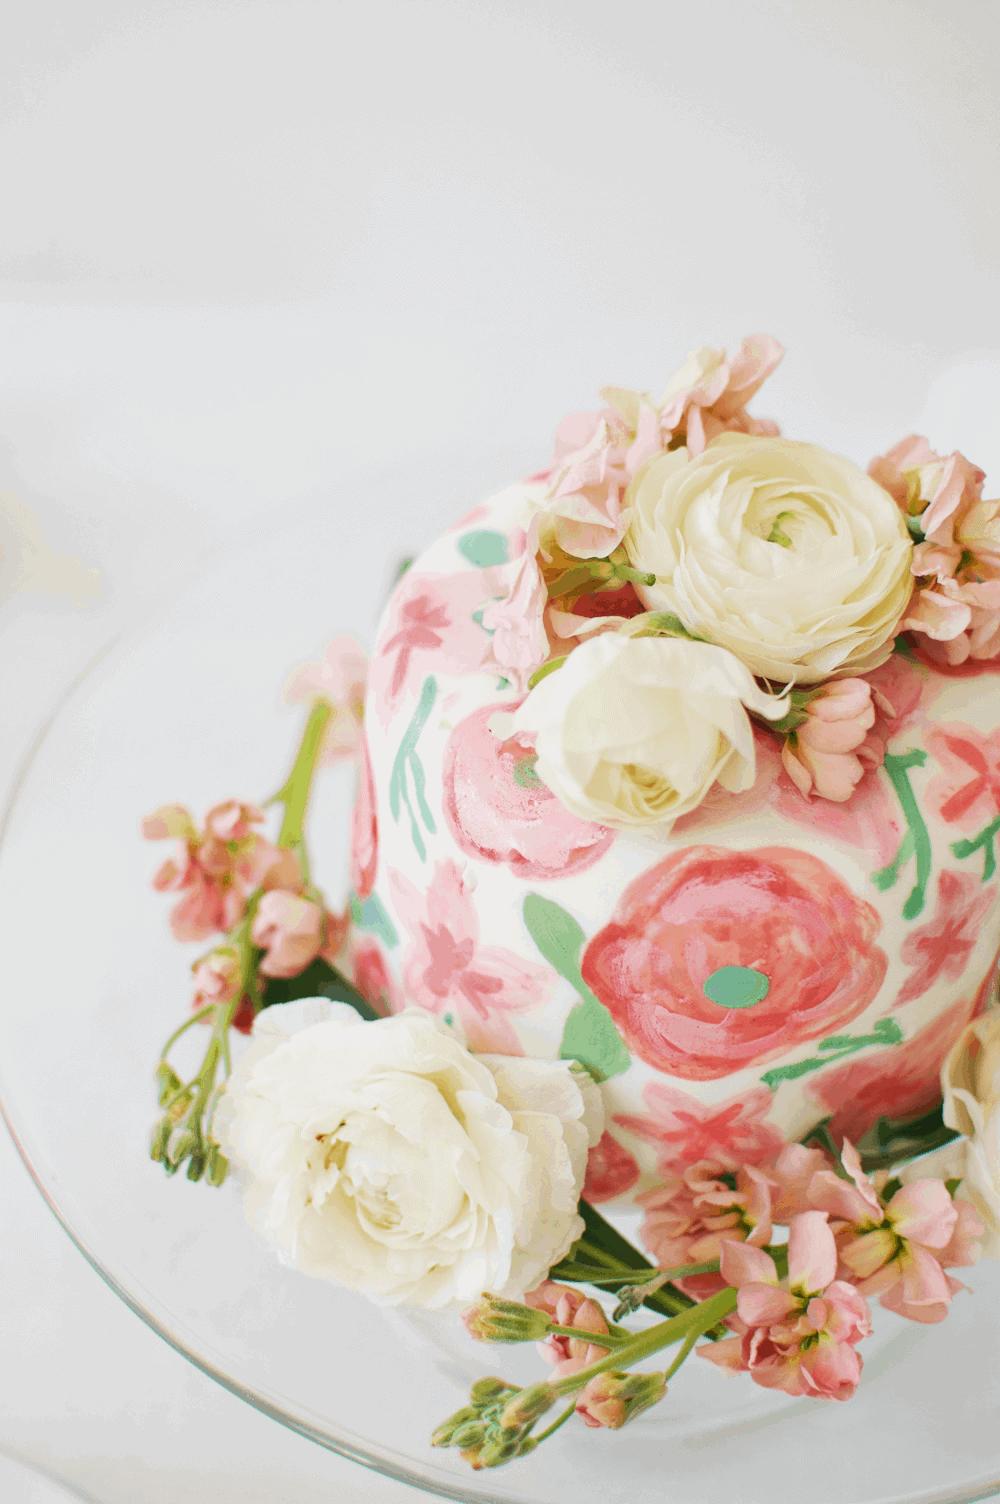 Fresh Floral Fondant Cake | Floral Fondant Cake, Fondant Cake Tutorial, Floral Fondant Tutorial, Floral Fondant Cake Guide, Easy Floral Fondant Cake #floralfondant #floralfondantguide #floralfondanttutorial || The Butter Half via @thebutterhalf